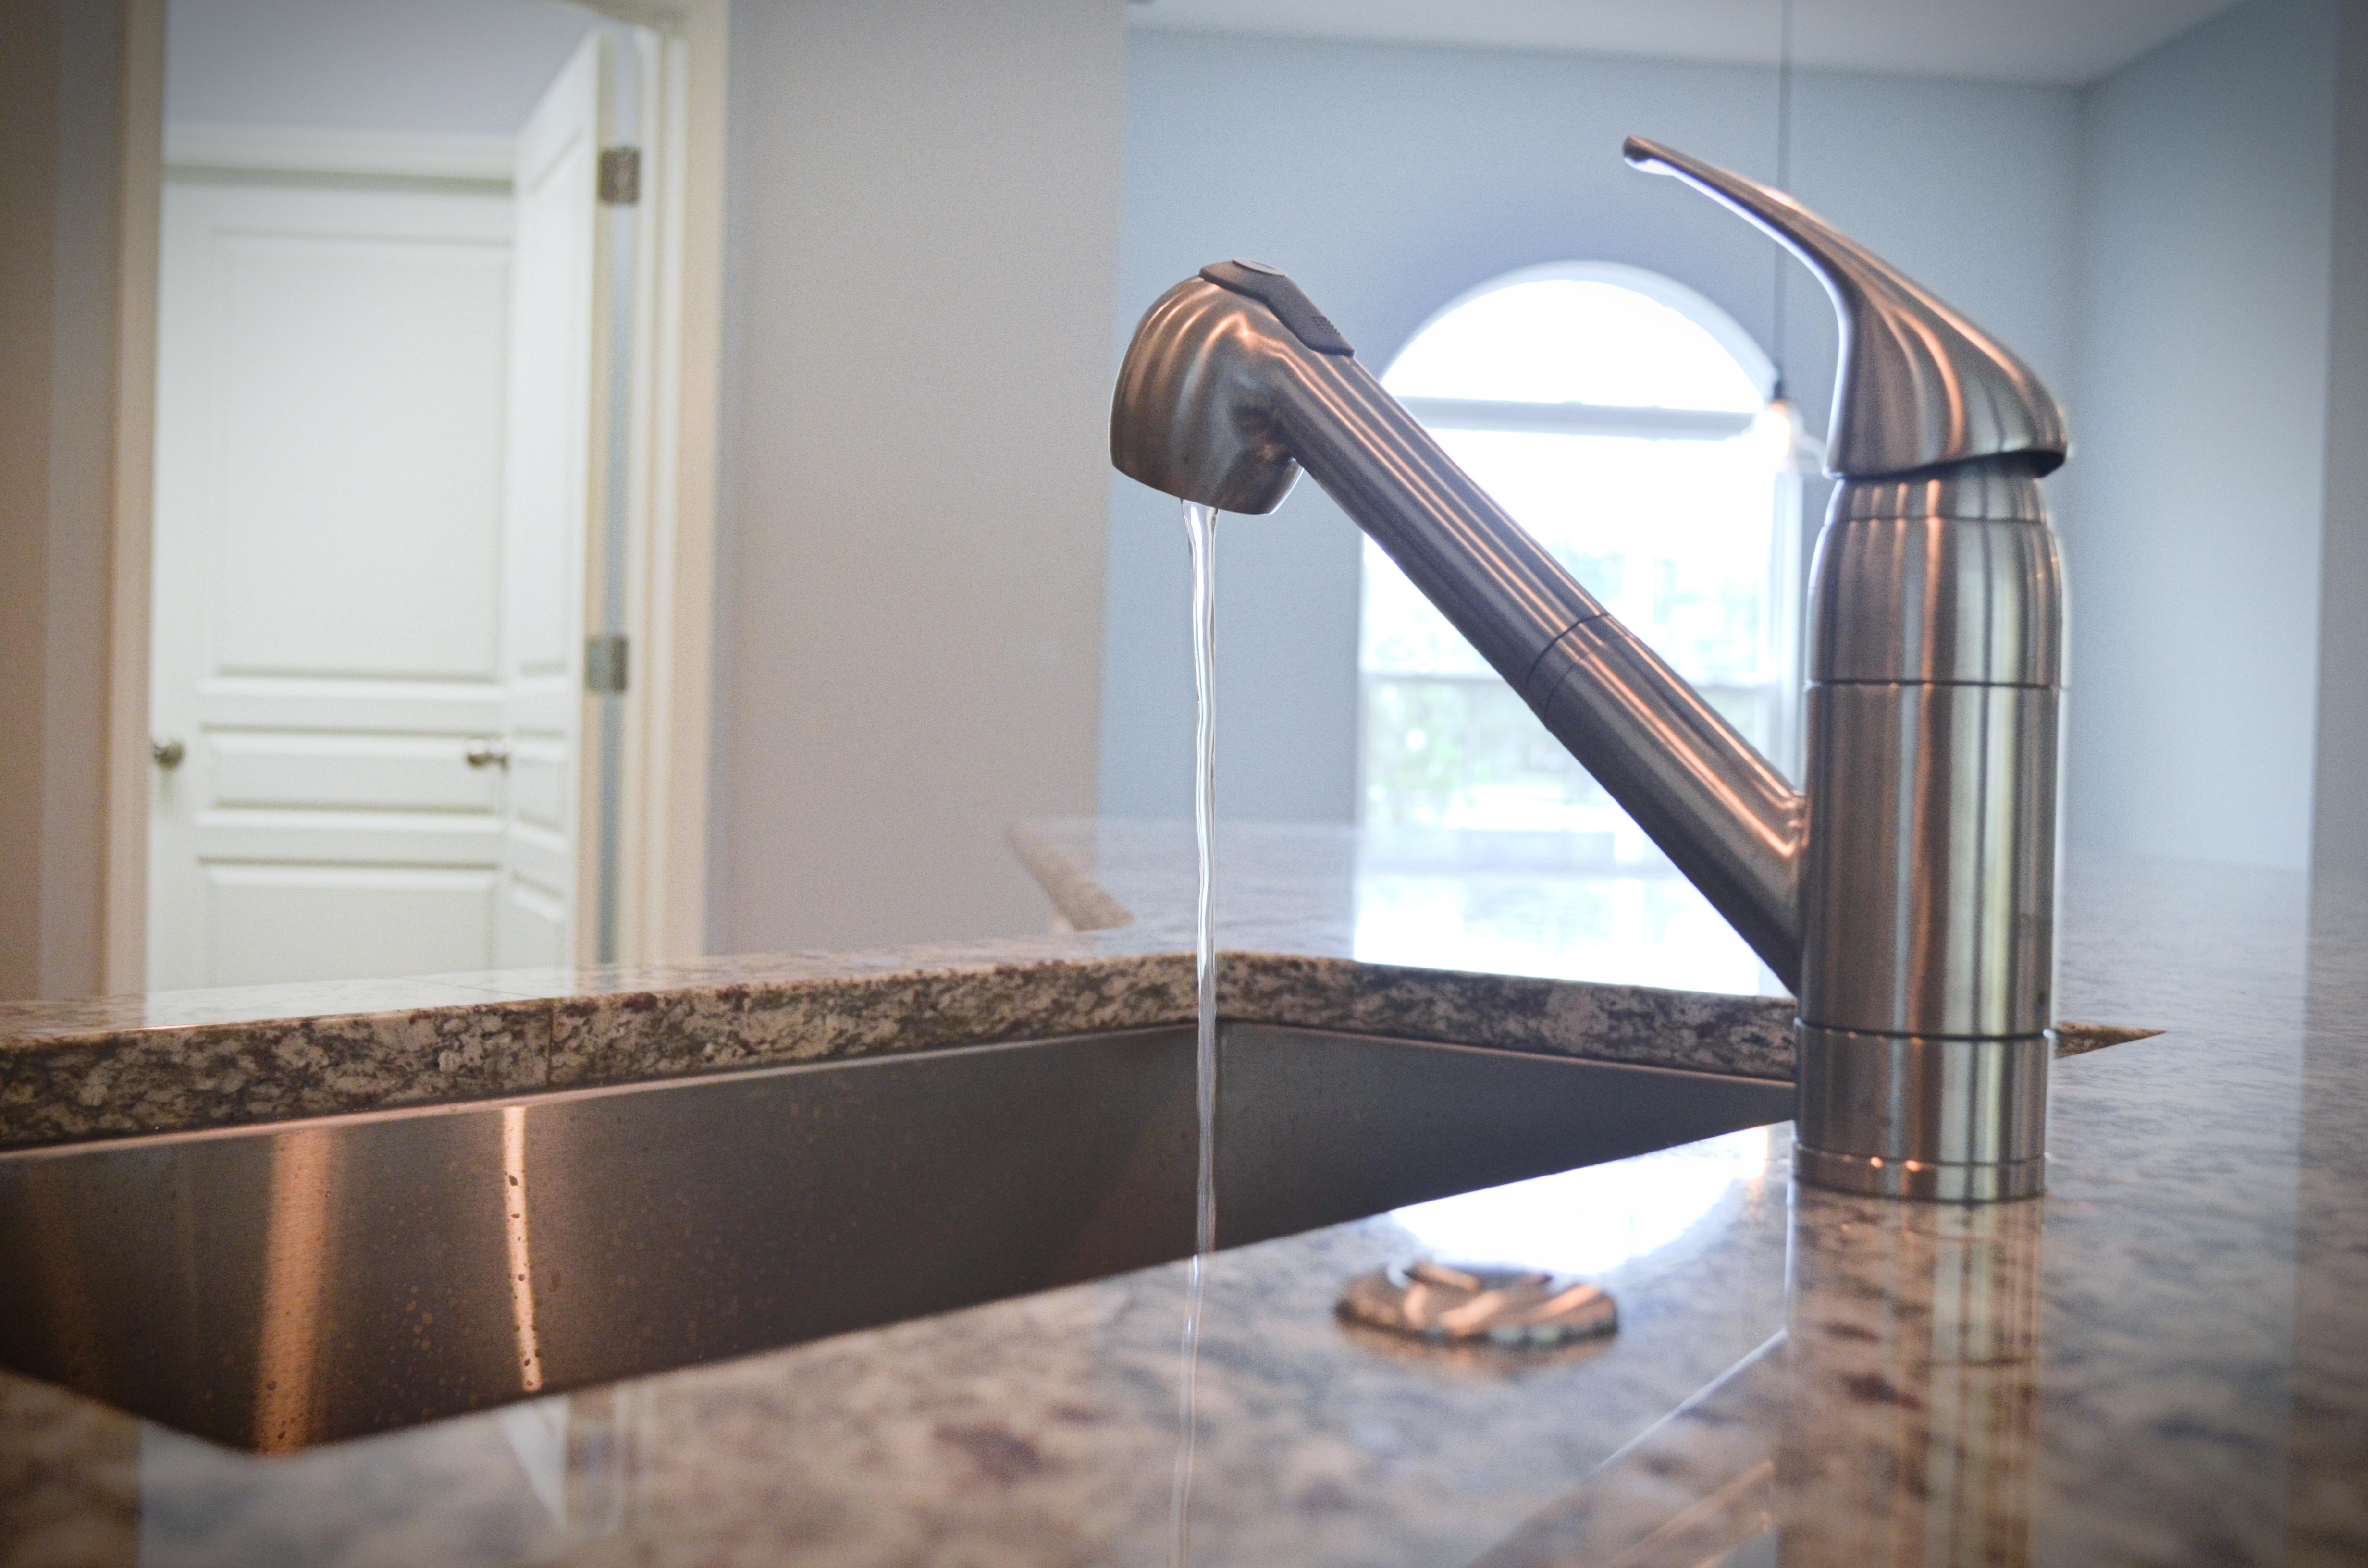 Standard Faucet Fixture